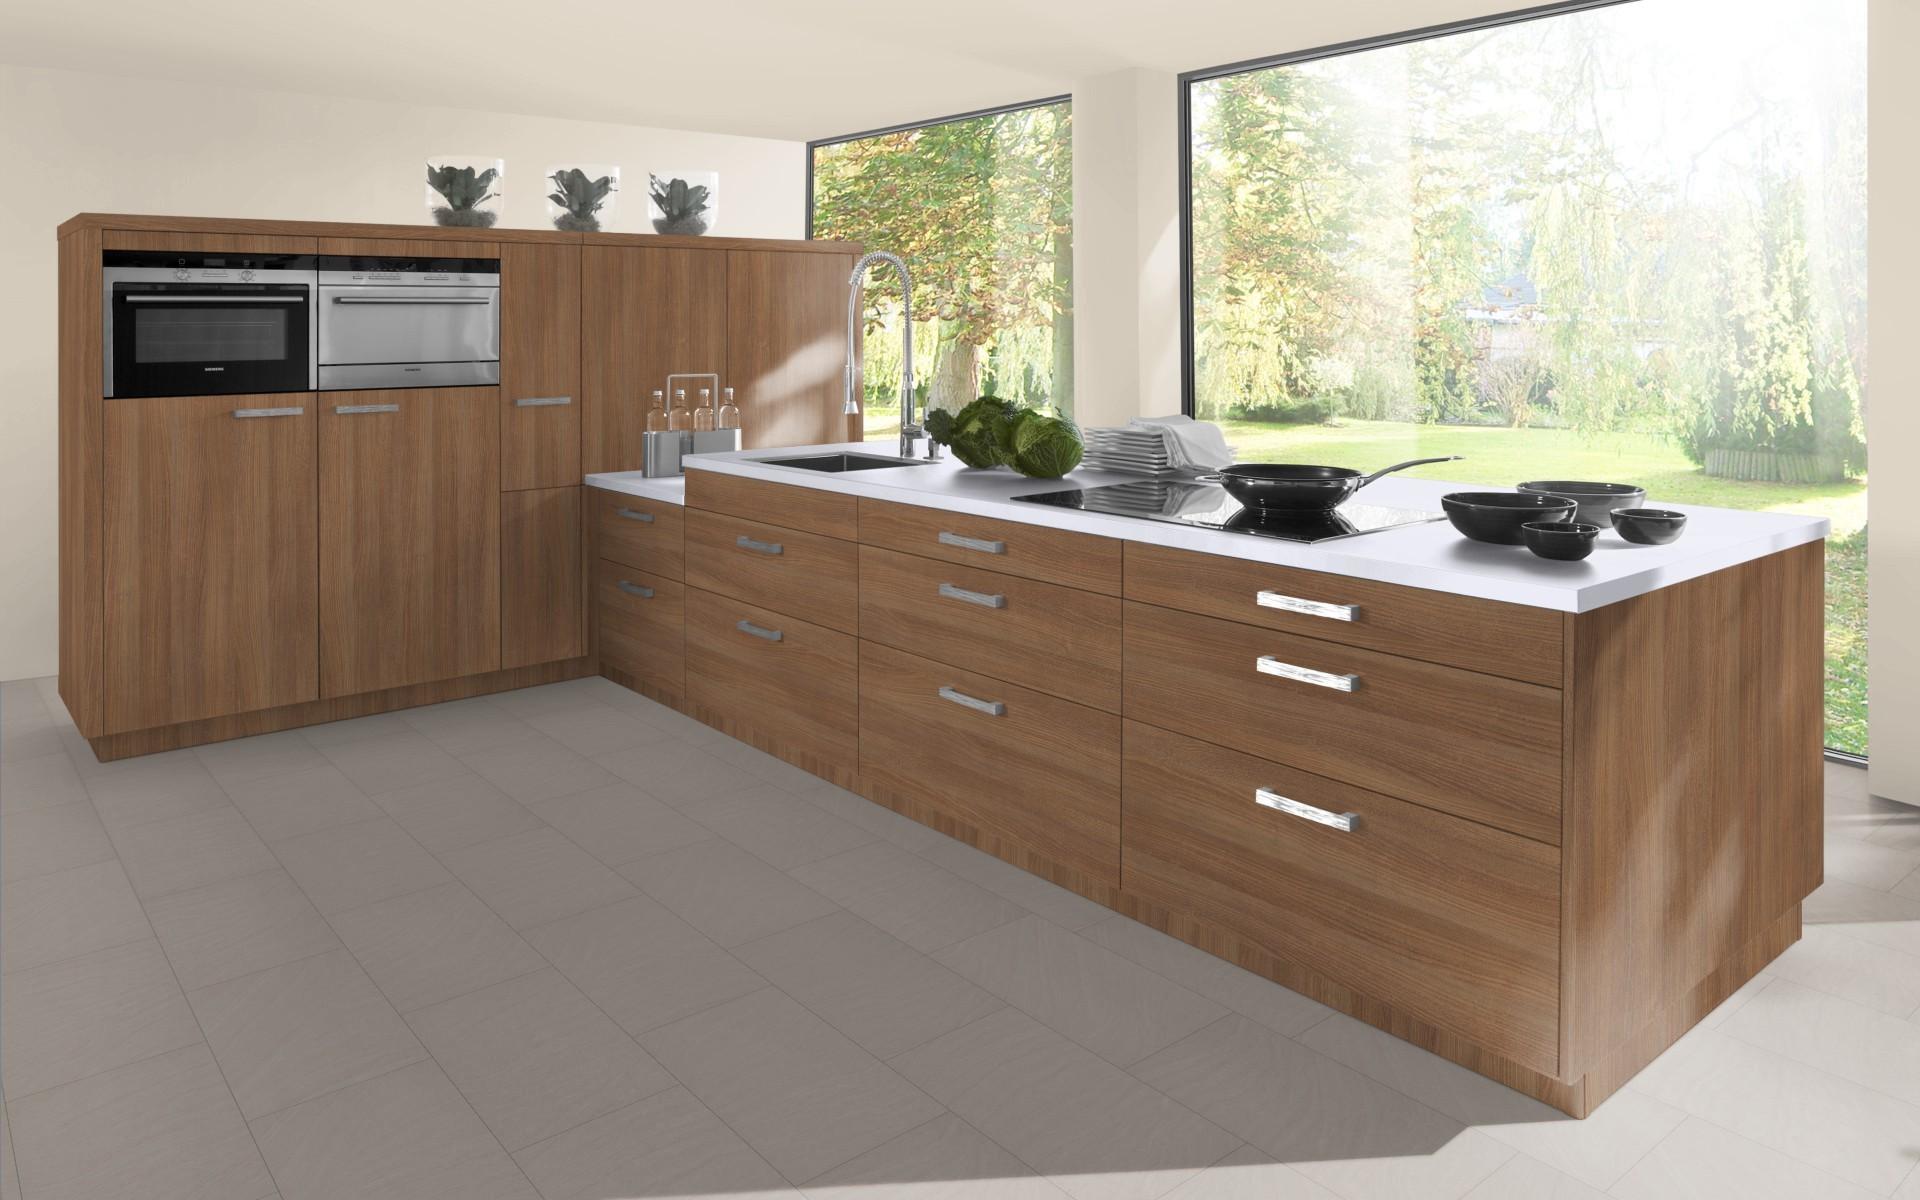 Textured Wood Kitchen Door in Brown Cassino Ash